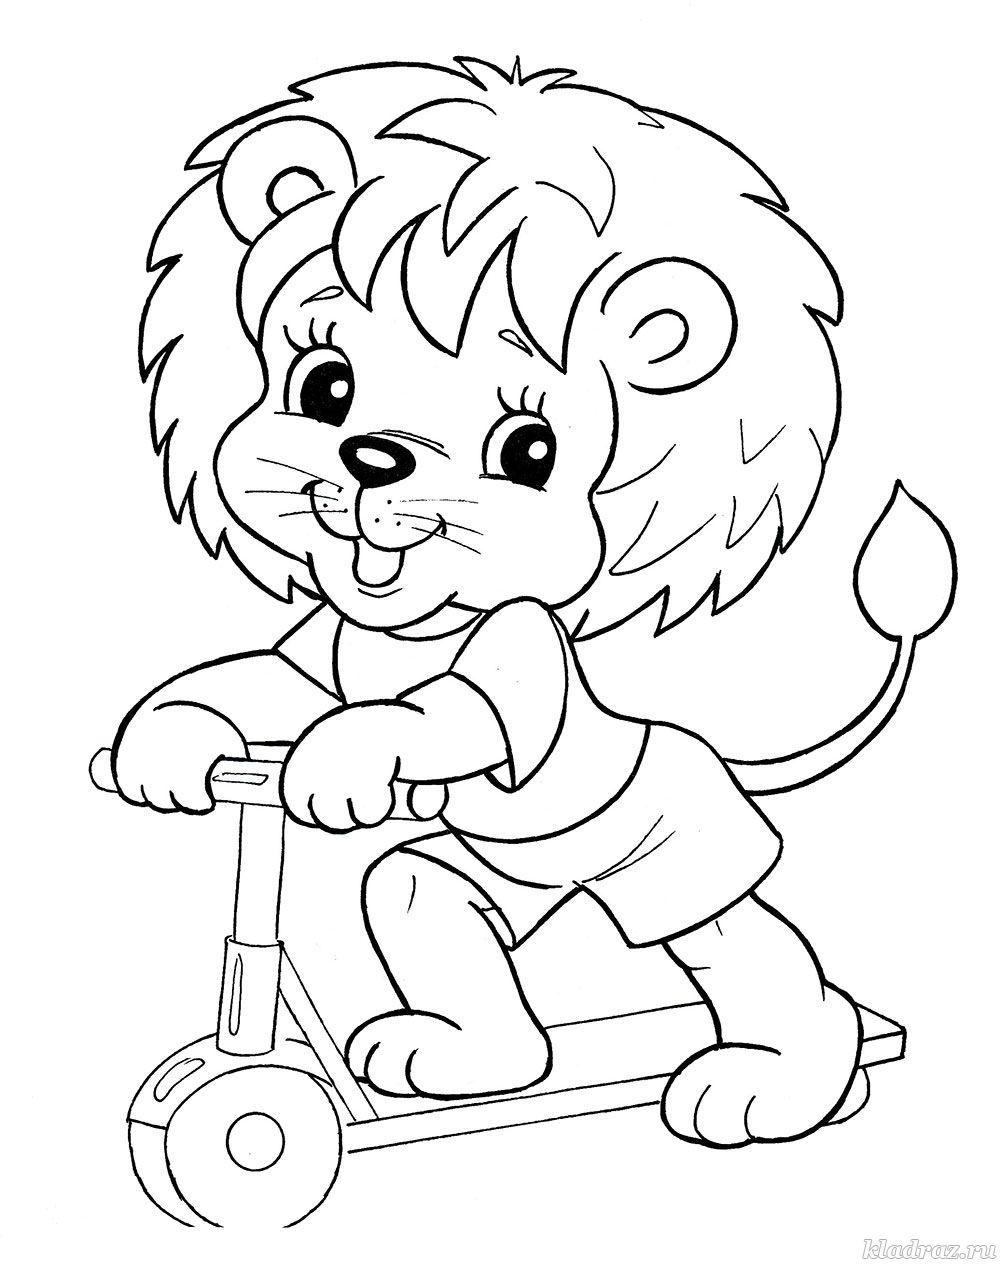 Львёнок раскраска для детей